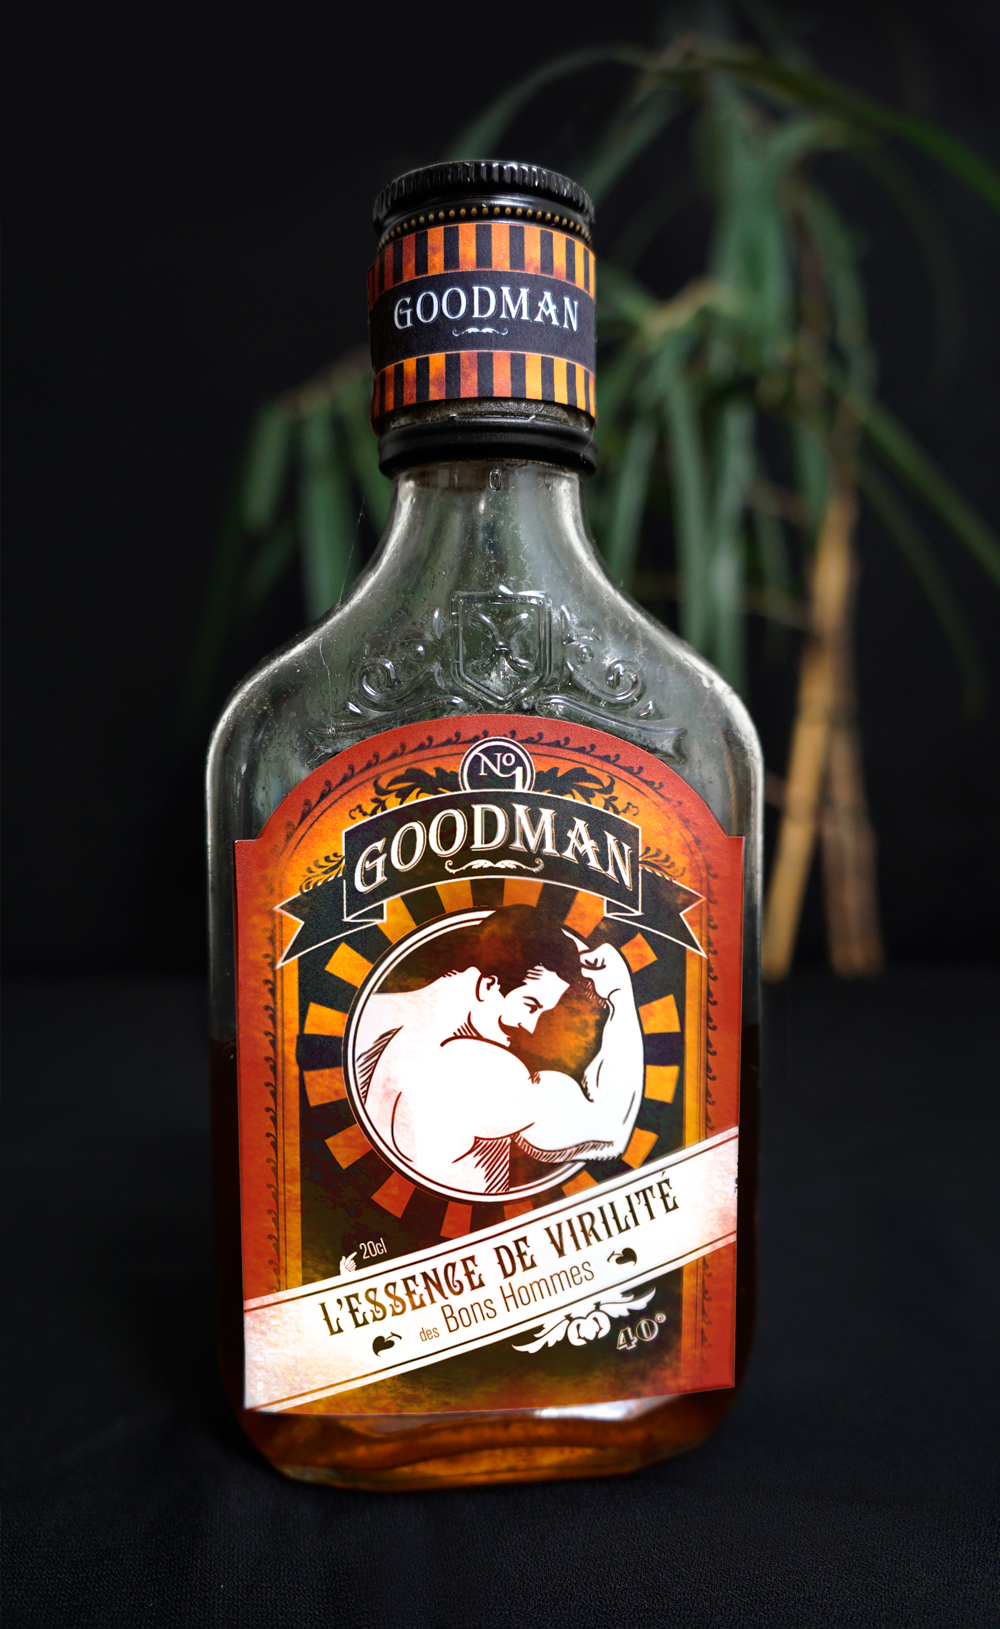 Design étiquette de rhum - Goodman